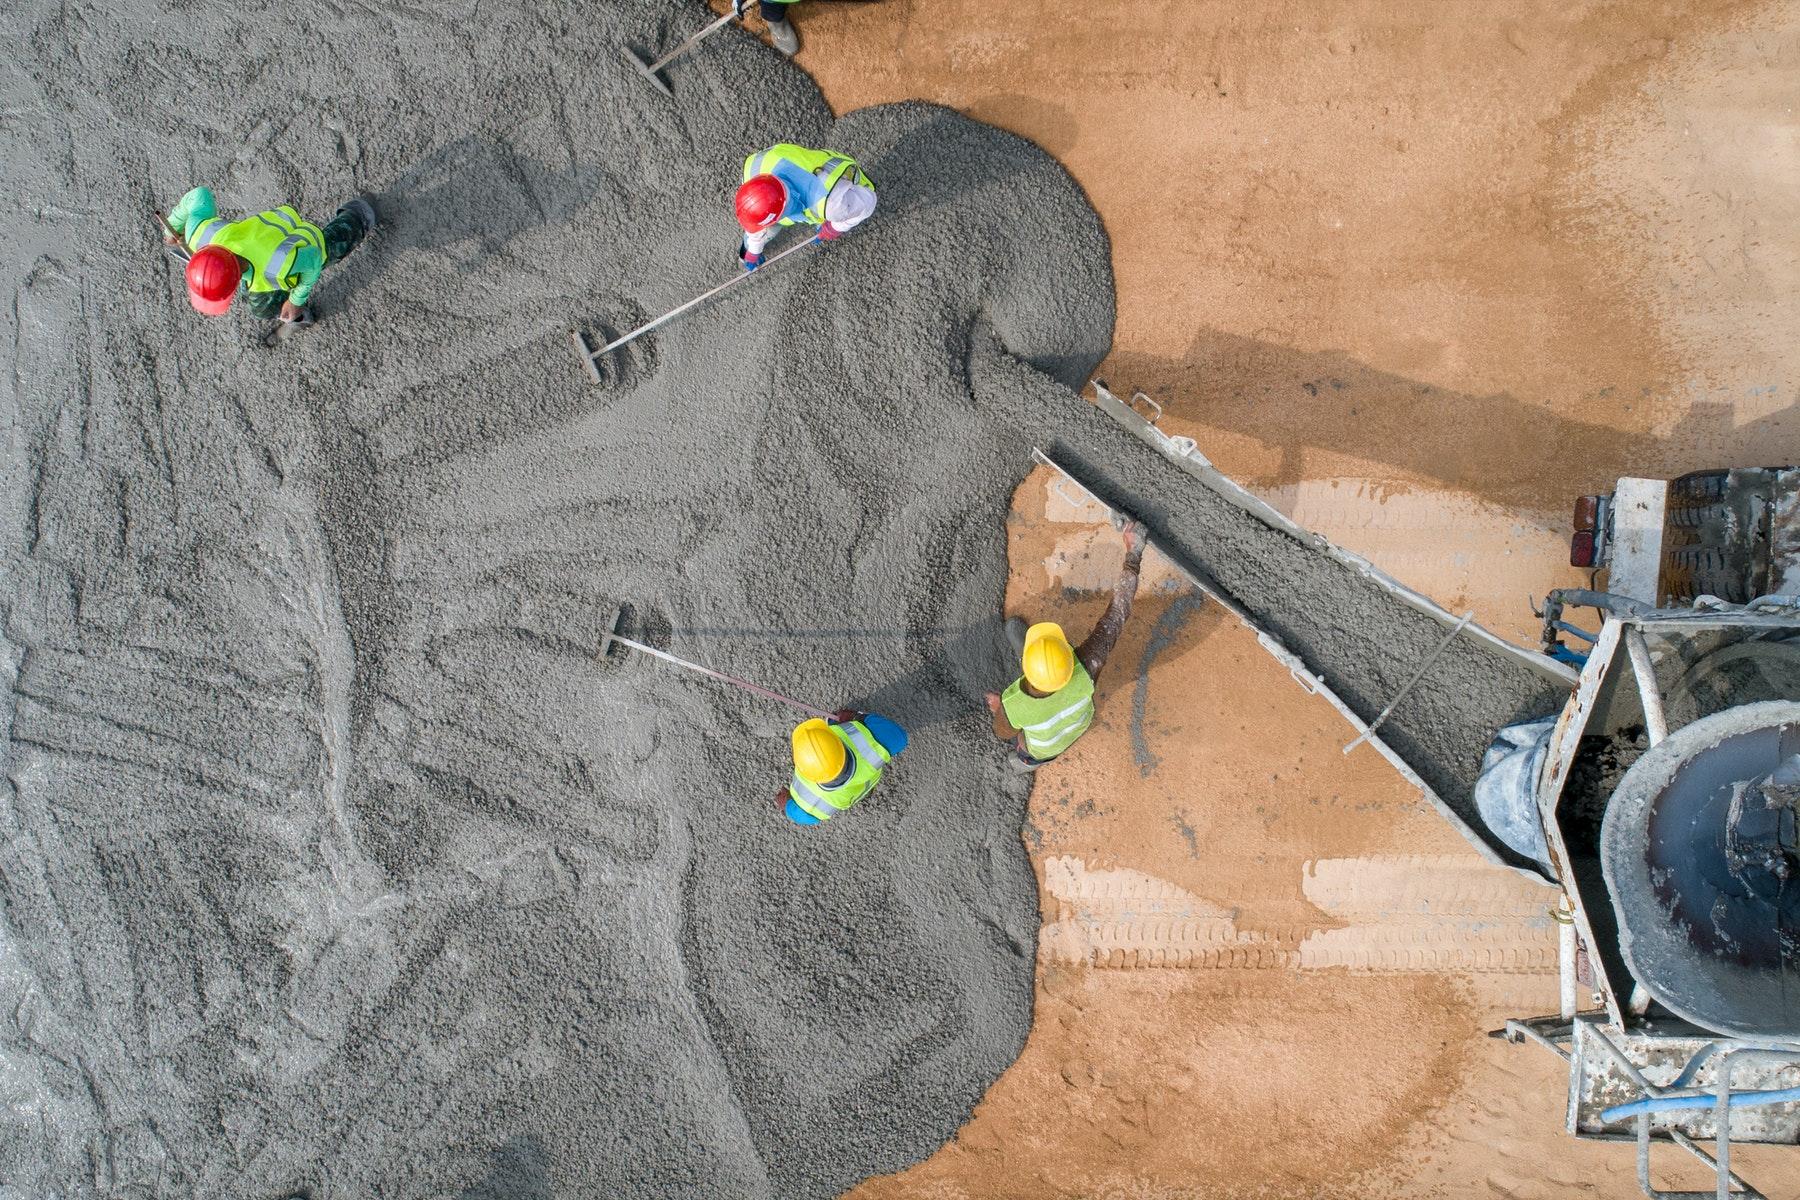 укладка бетона при жаре